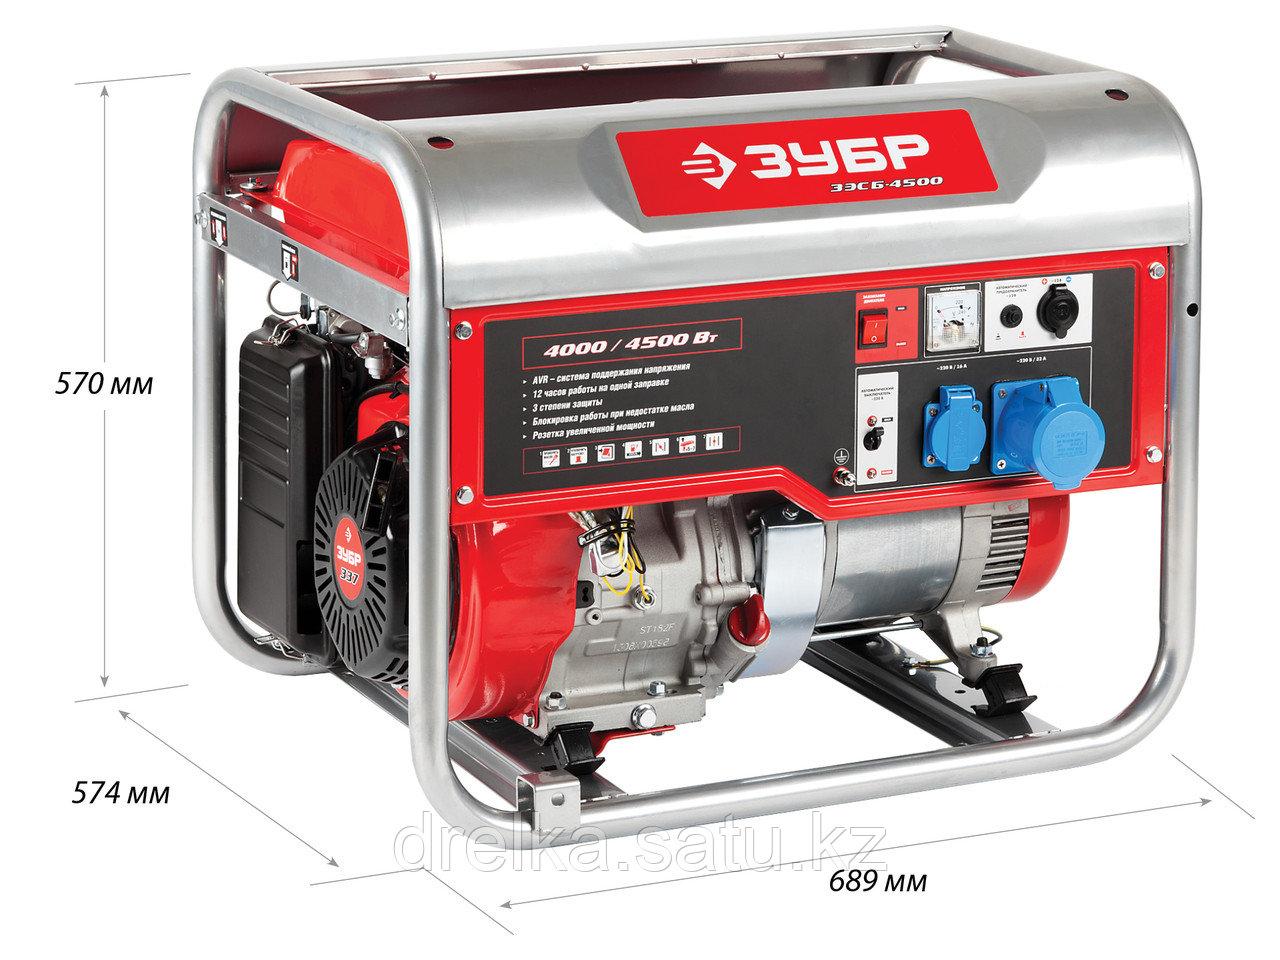 Бензиновый электрогенератор ЗУБР ЗЭСБ-4500, двигатель 4-х тактный, ручной пуск, 4500/4000Вт, 220/12В - фото 2